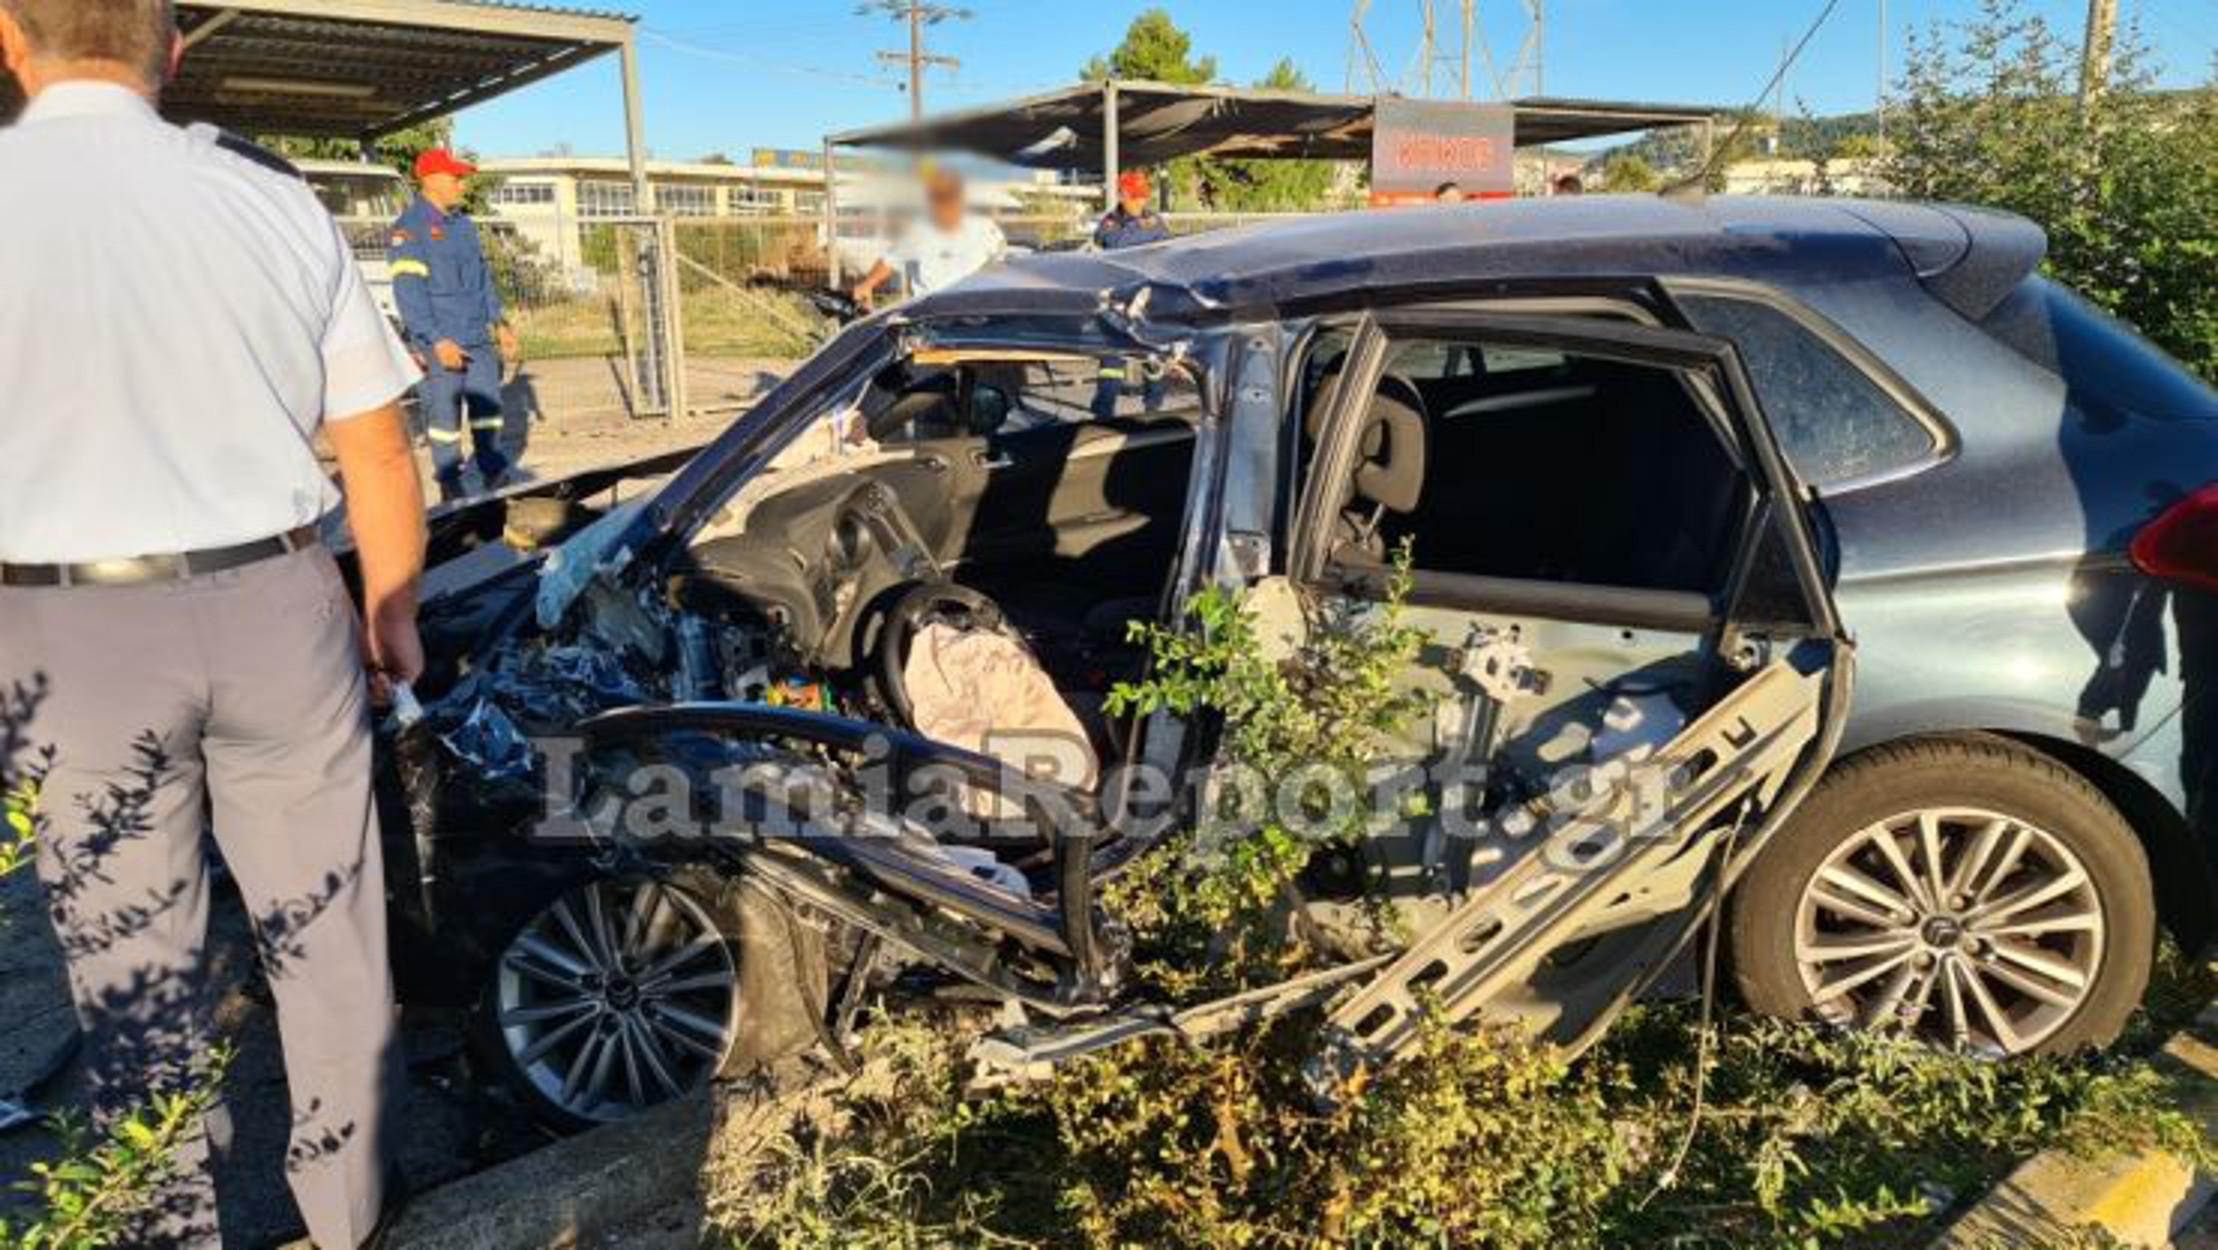 """Λαμία: Τροχαίο με Μητροπολίτη! Τραυματίστηκε σοβαρά – Έγινε """"λιώμα"""" το αυτοκίνητο (pics, video)"""